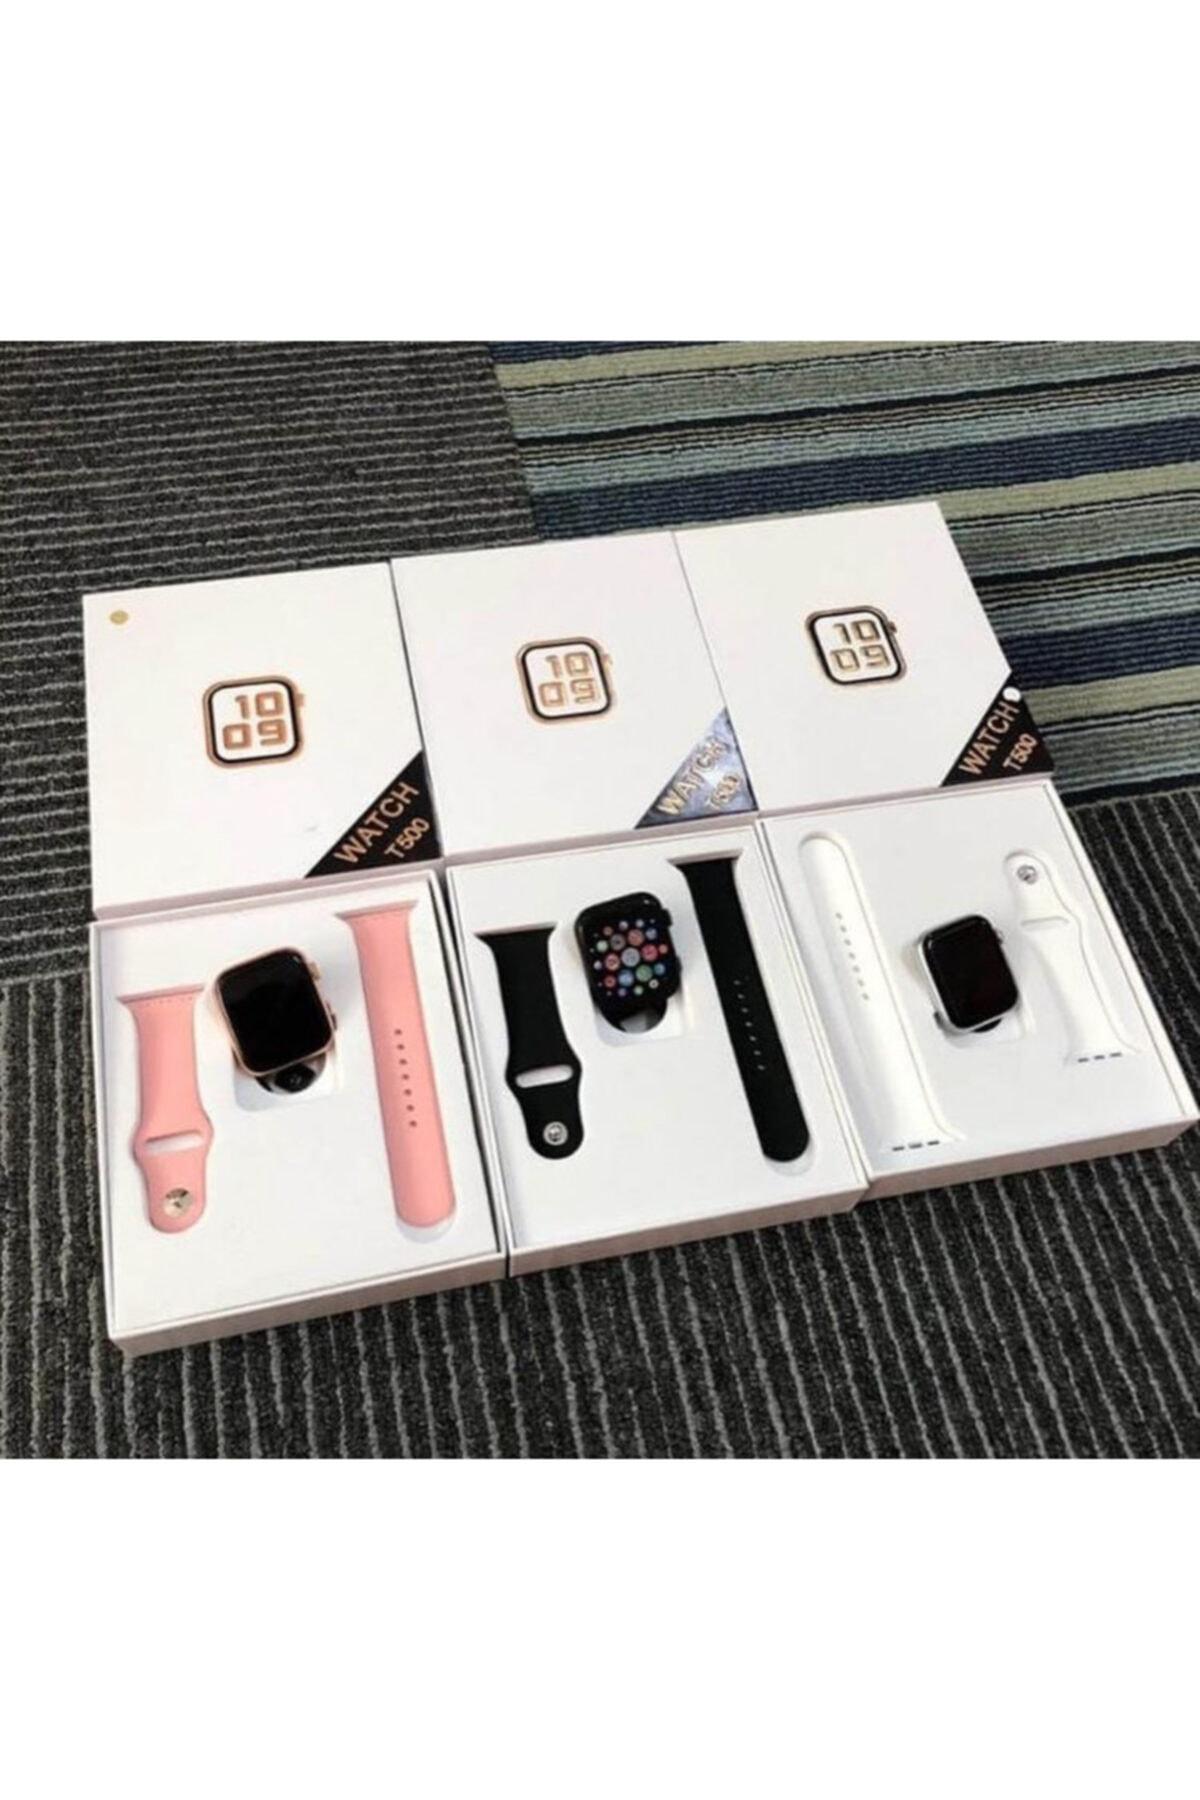 Fulltech Apple Watch5 T500 Serıes Fsw-3 2